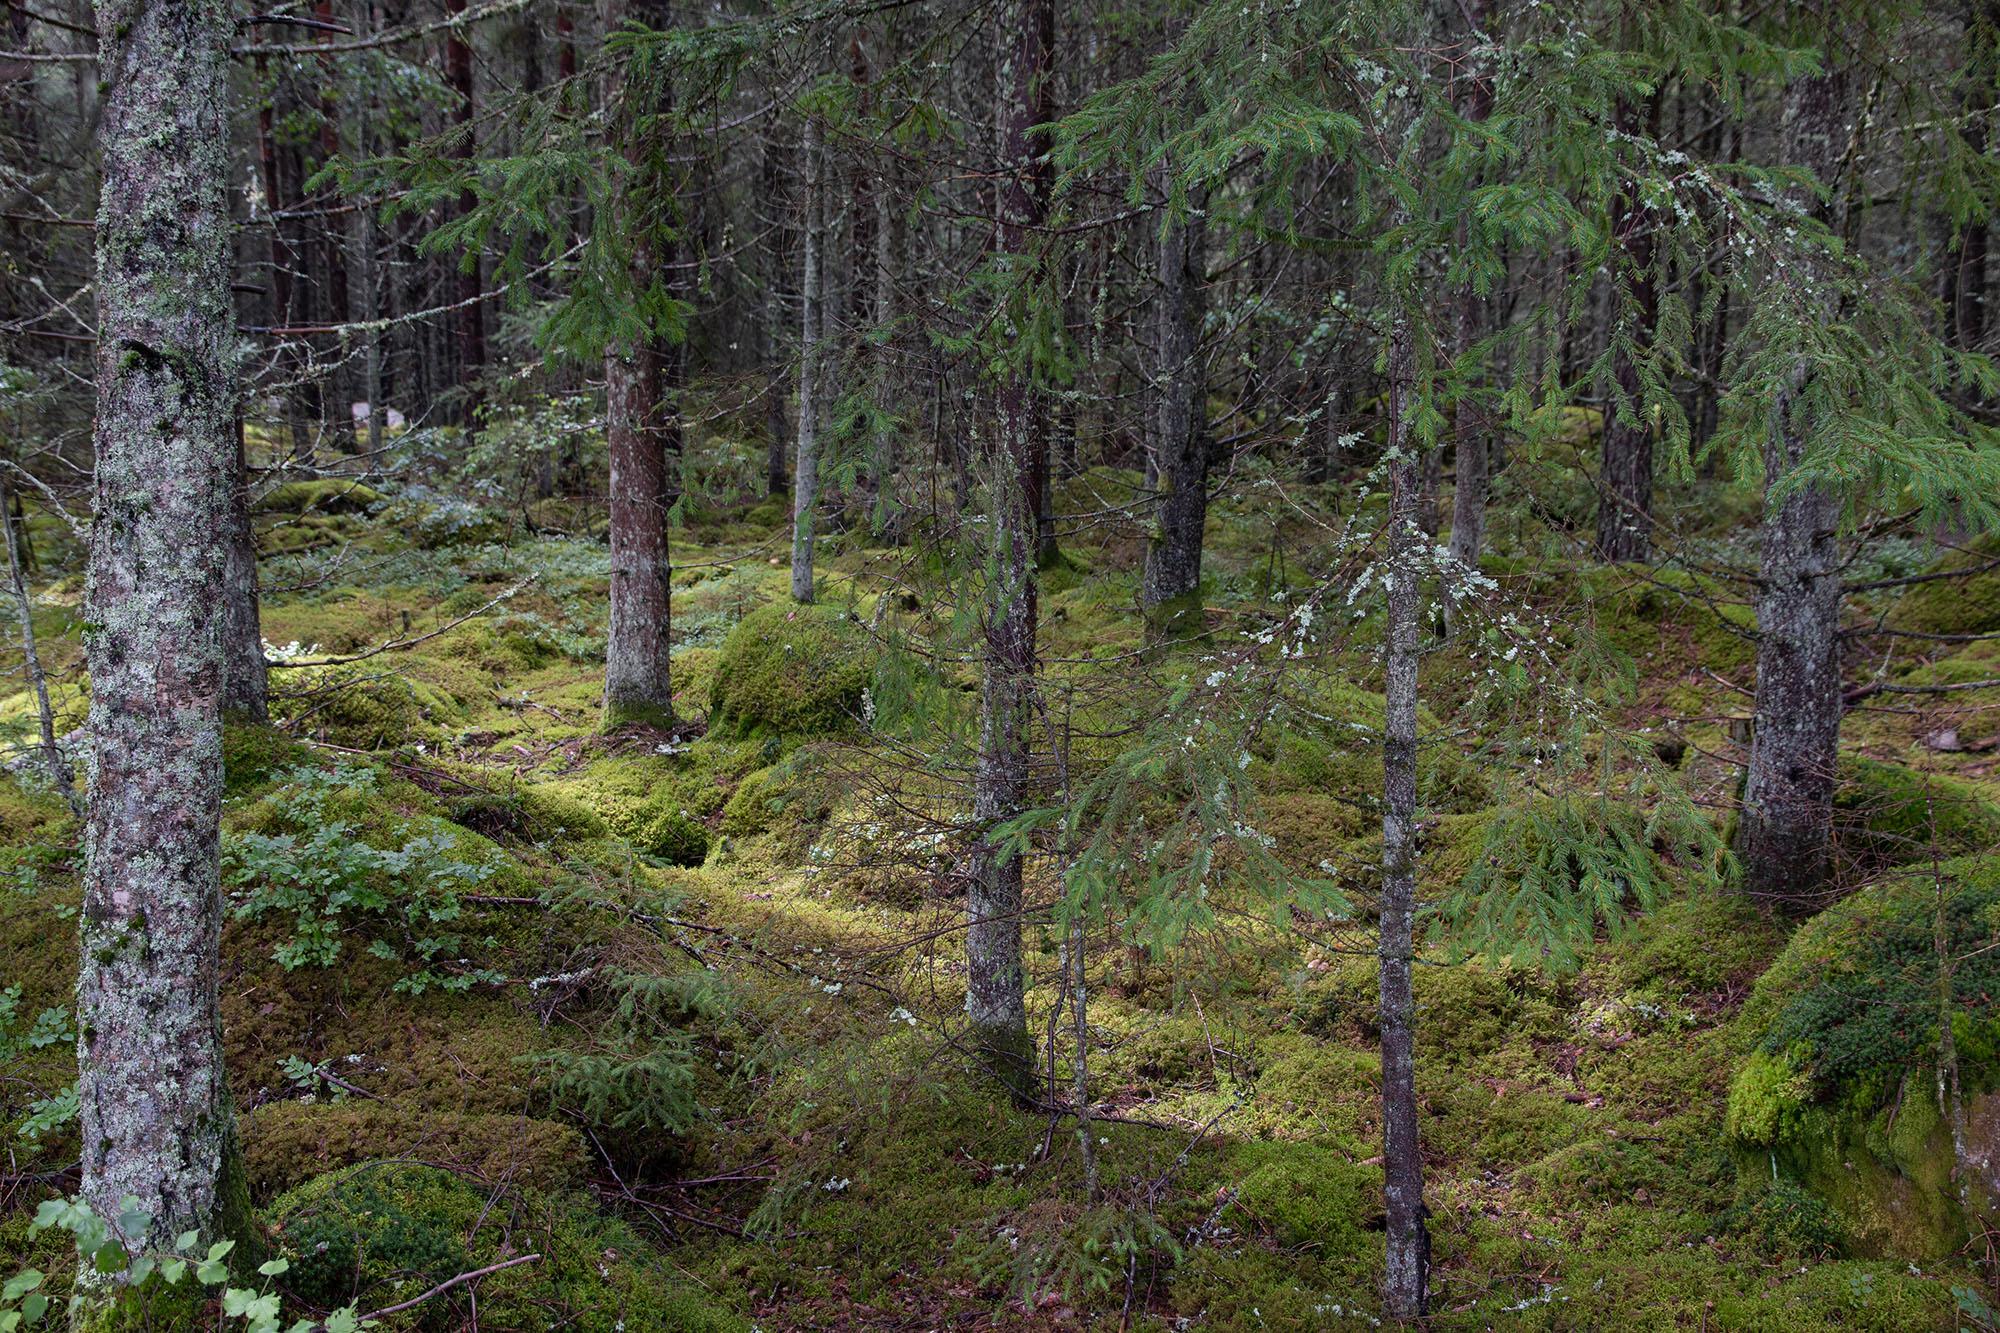 Moos und Heidelbeeren statt Unterholz